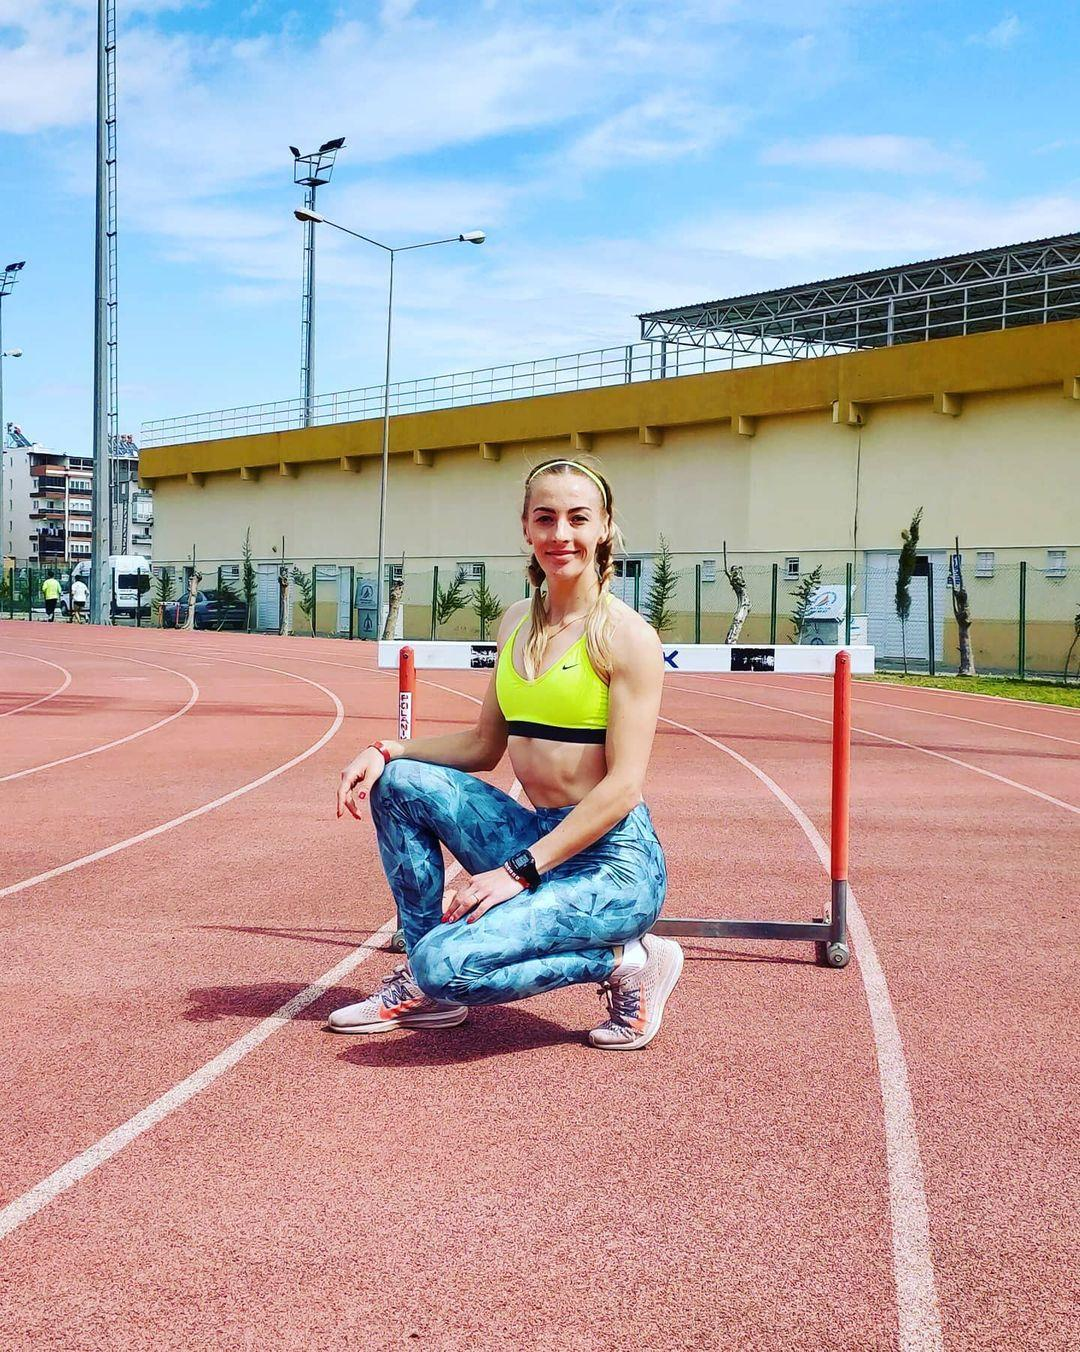 Марія Миколенко представляє Донеччину у складі команди України на Олімпійських іграх 2020